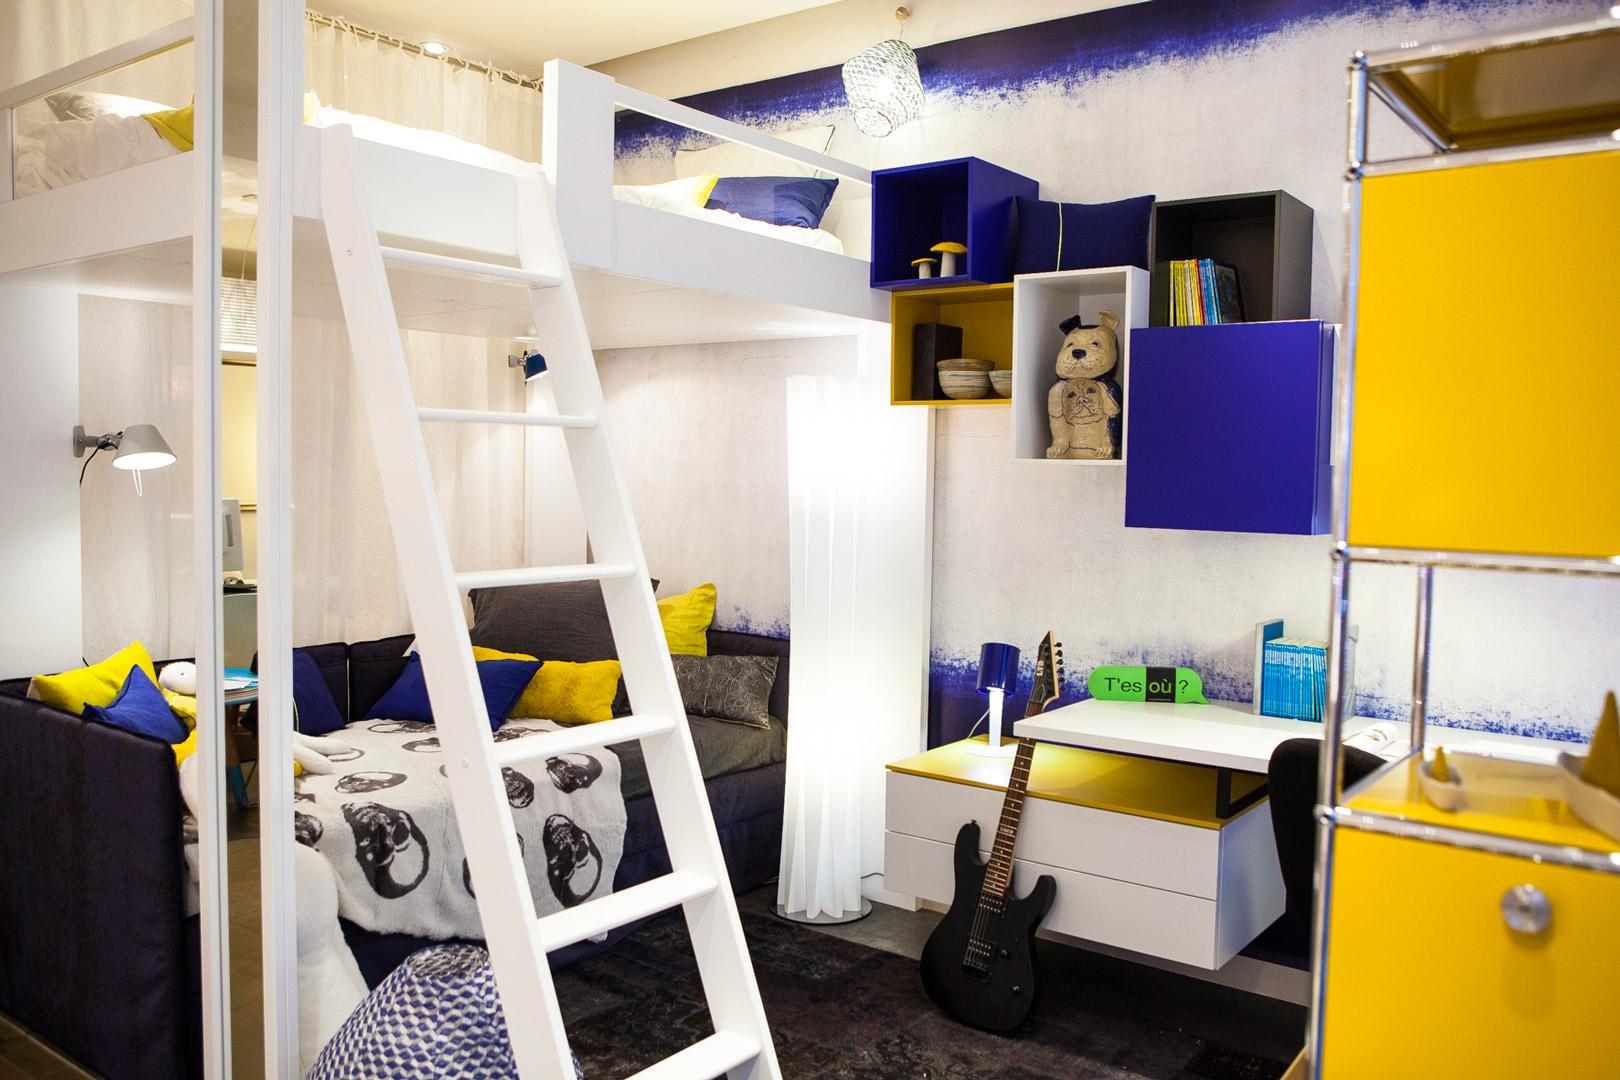 Bureau adolescent maison du monde une maison d été à majorque ad